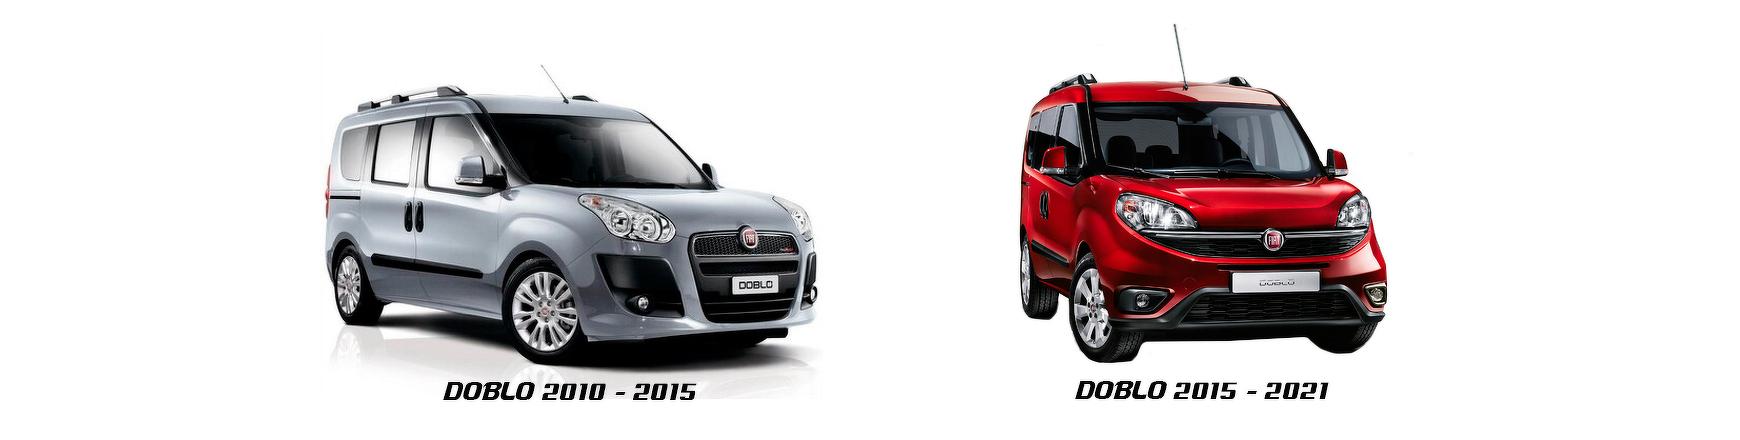 Recambios de Fiat Doblo 2010 2011 2012 2013 2014 2015